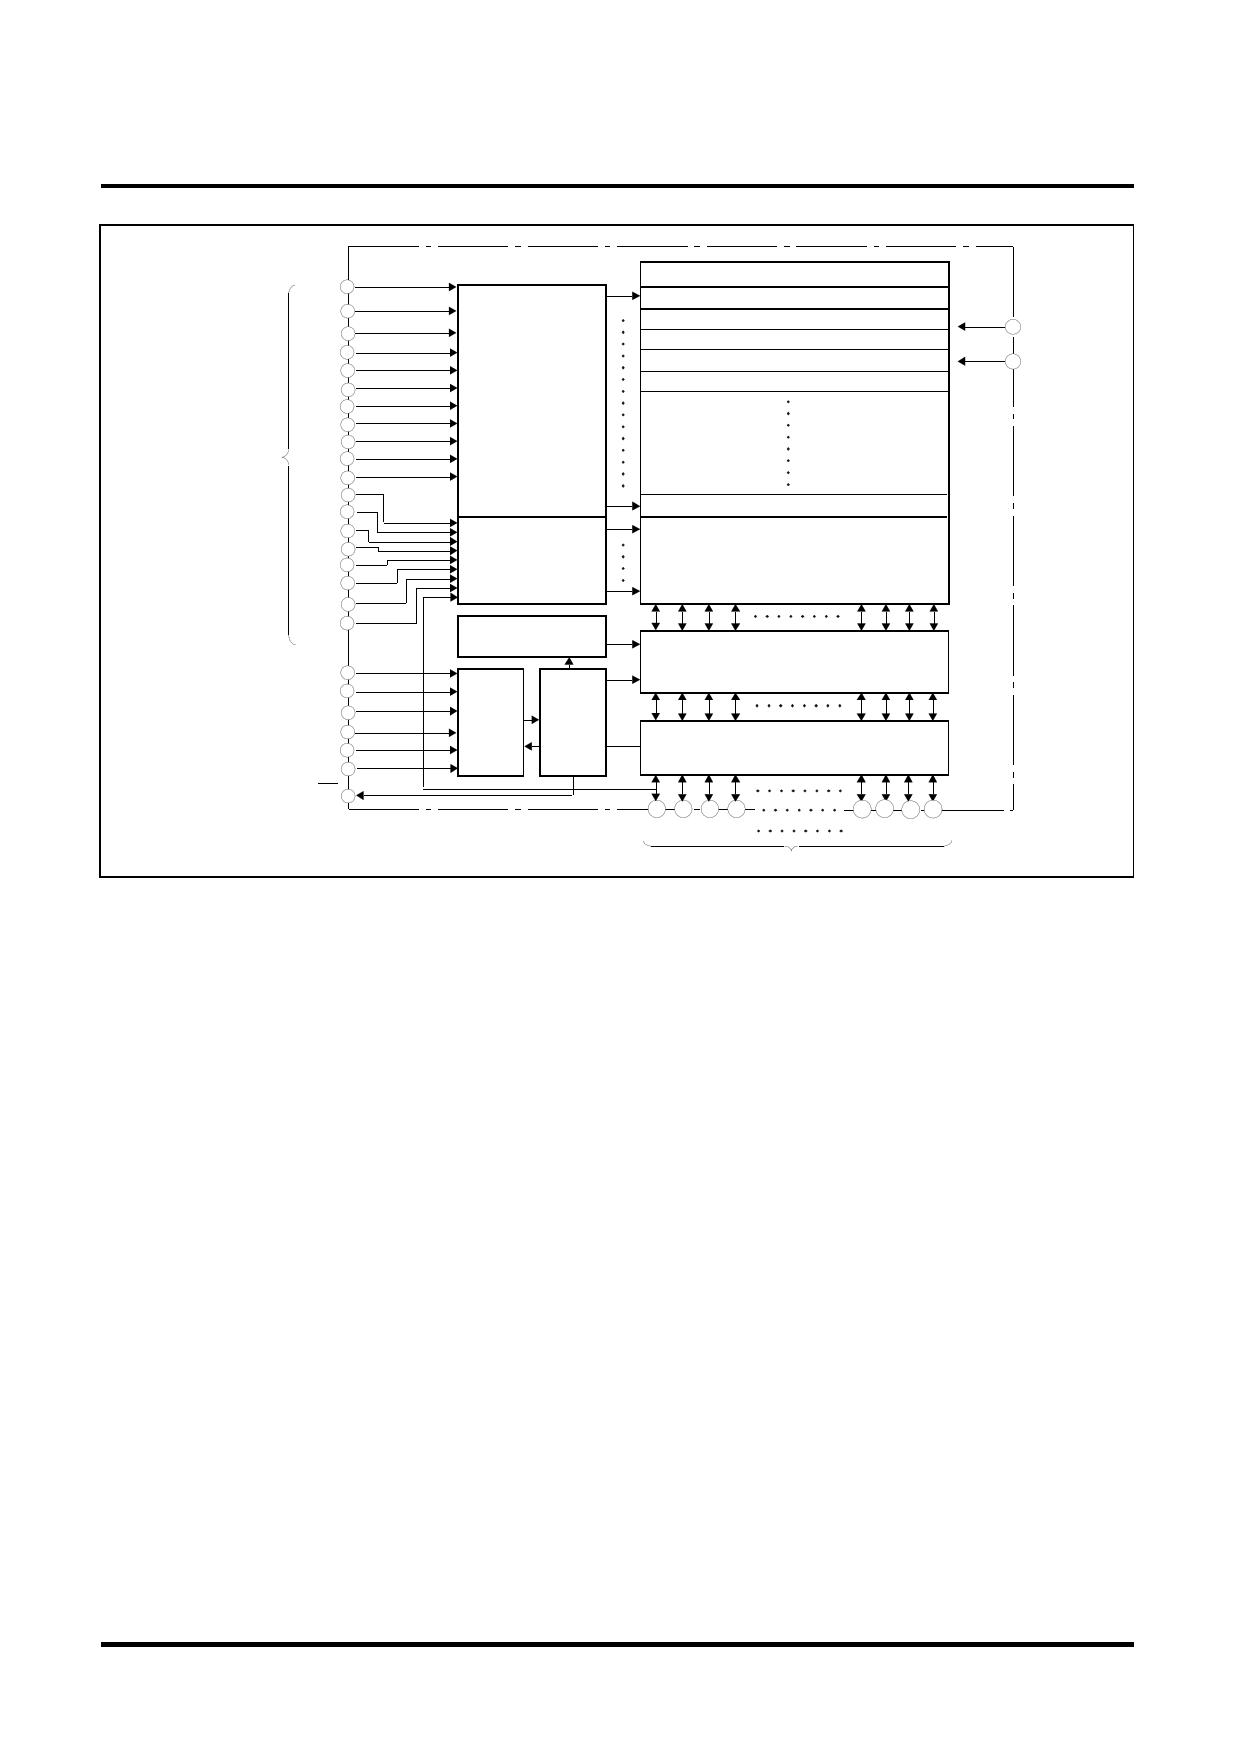 M5M29FT800VP-80 pdf, schematic